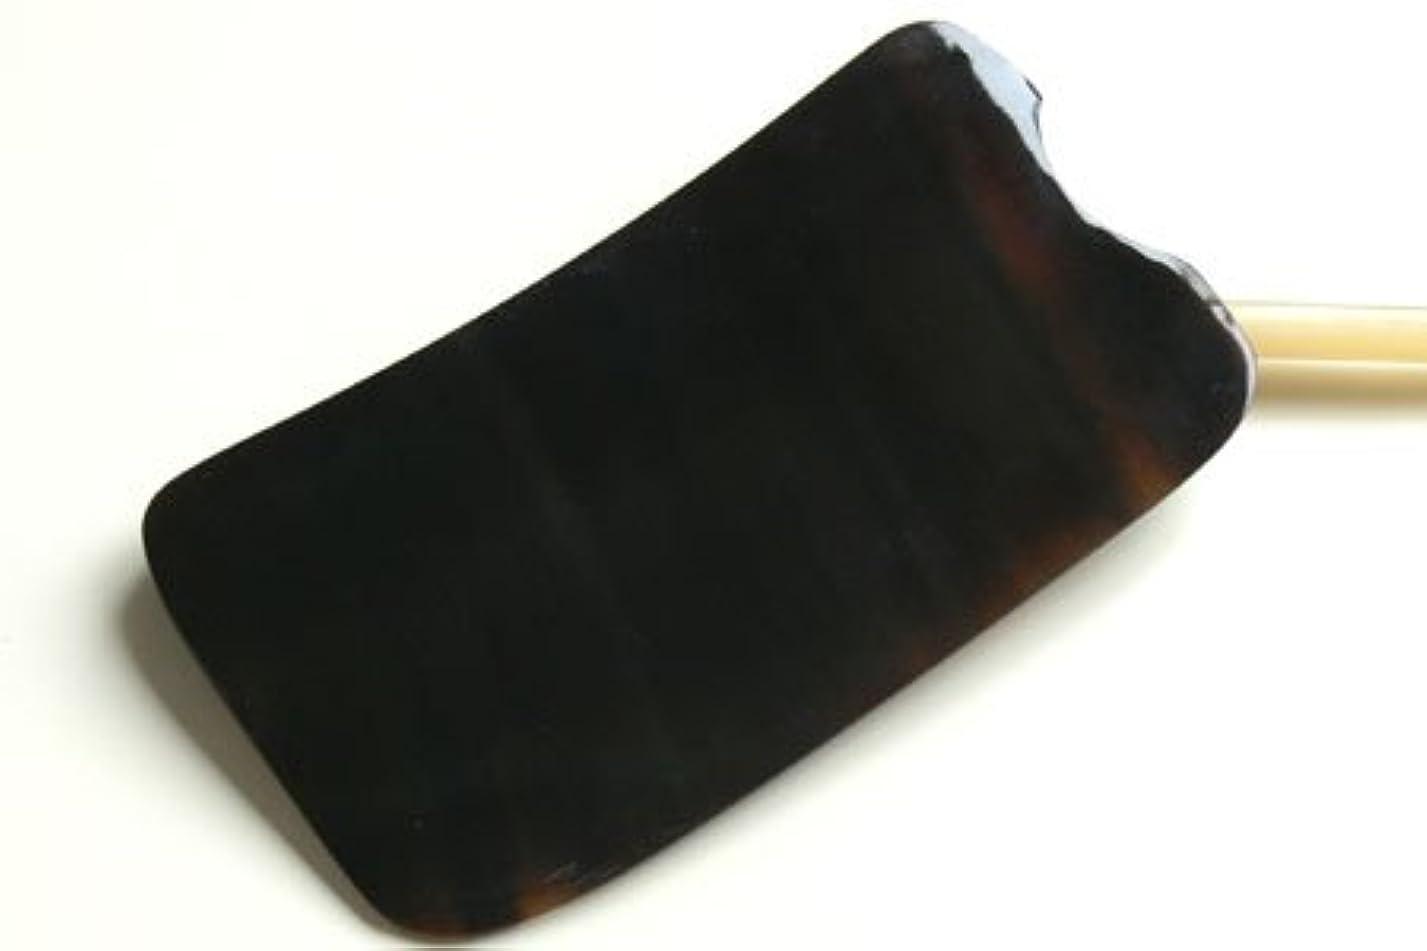 メロディアス社会科暗記するかっさ板、美容、刮莎板、グアシャ板,水牛角製